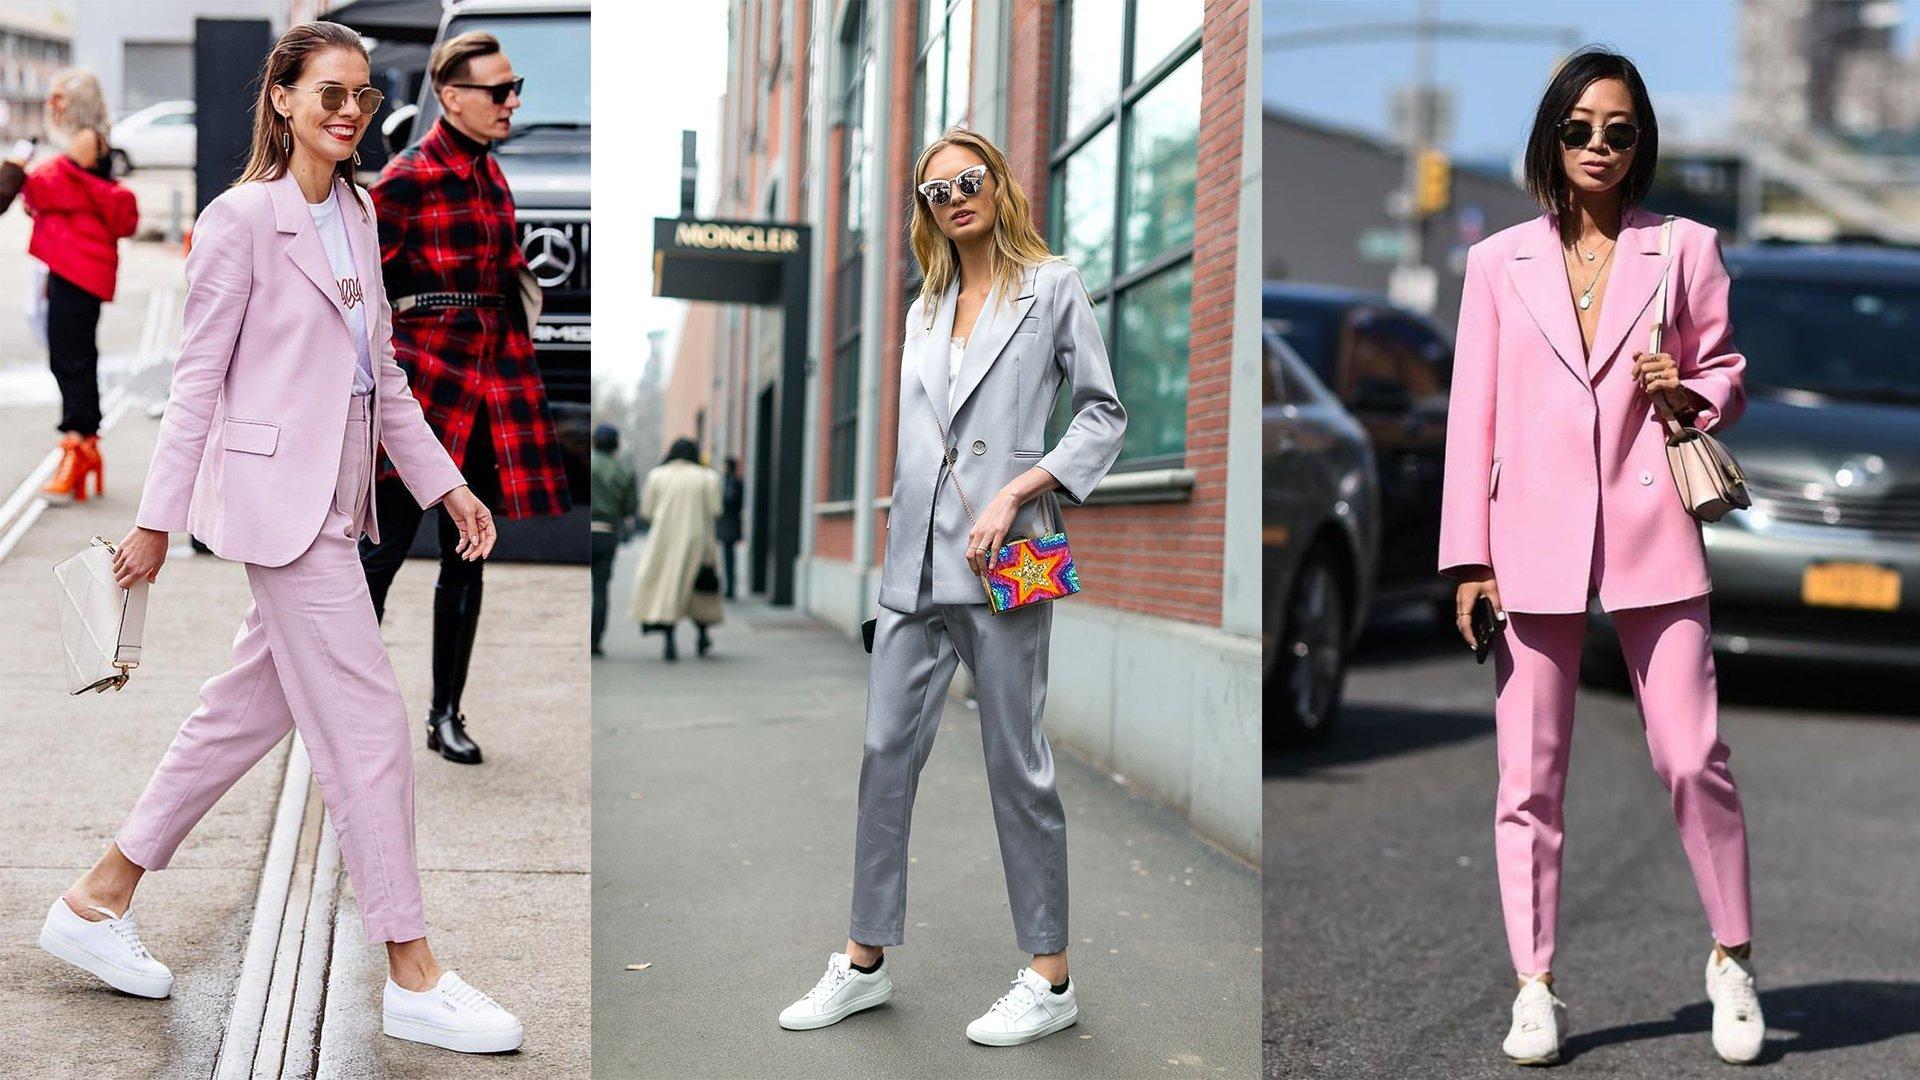 Chica usando un traje de color gris y otra con traje color rosa